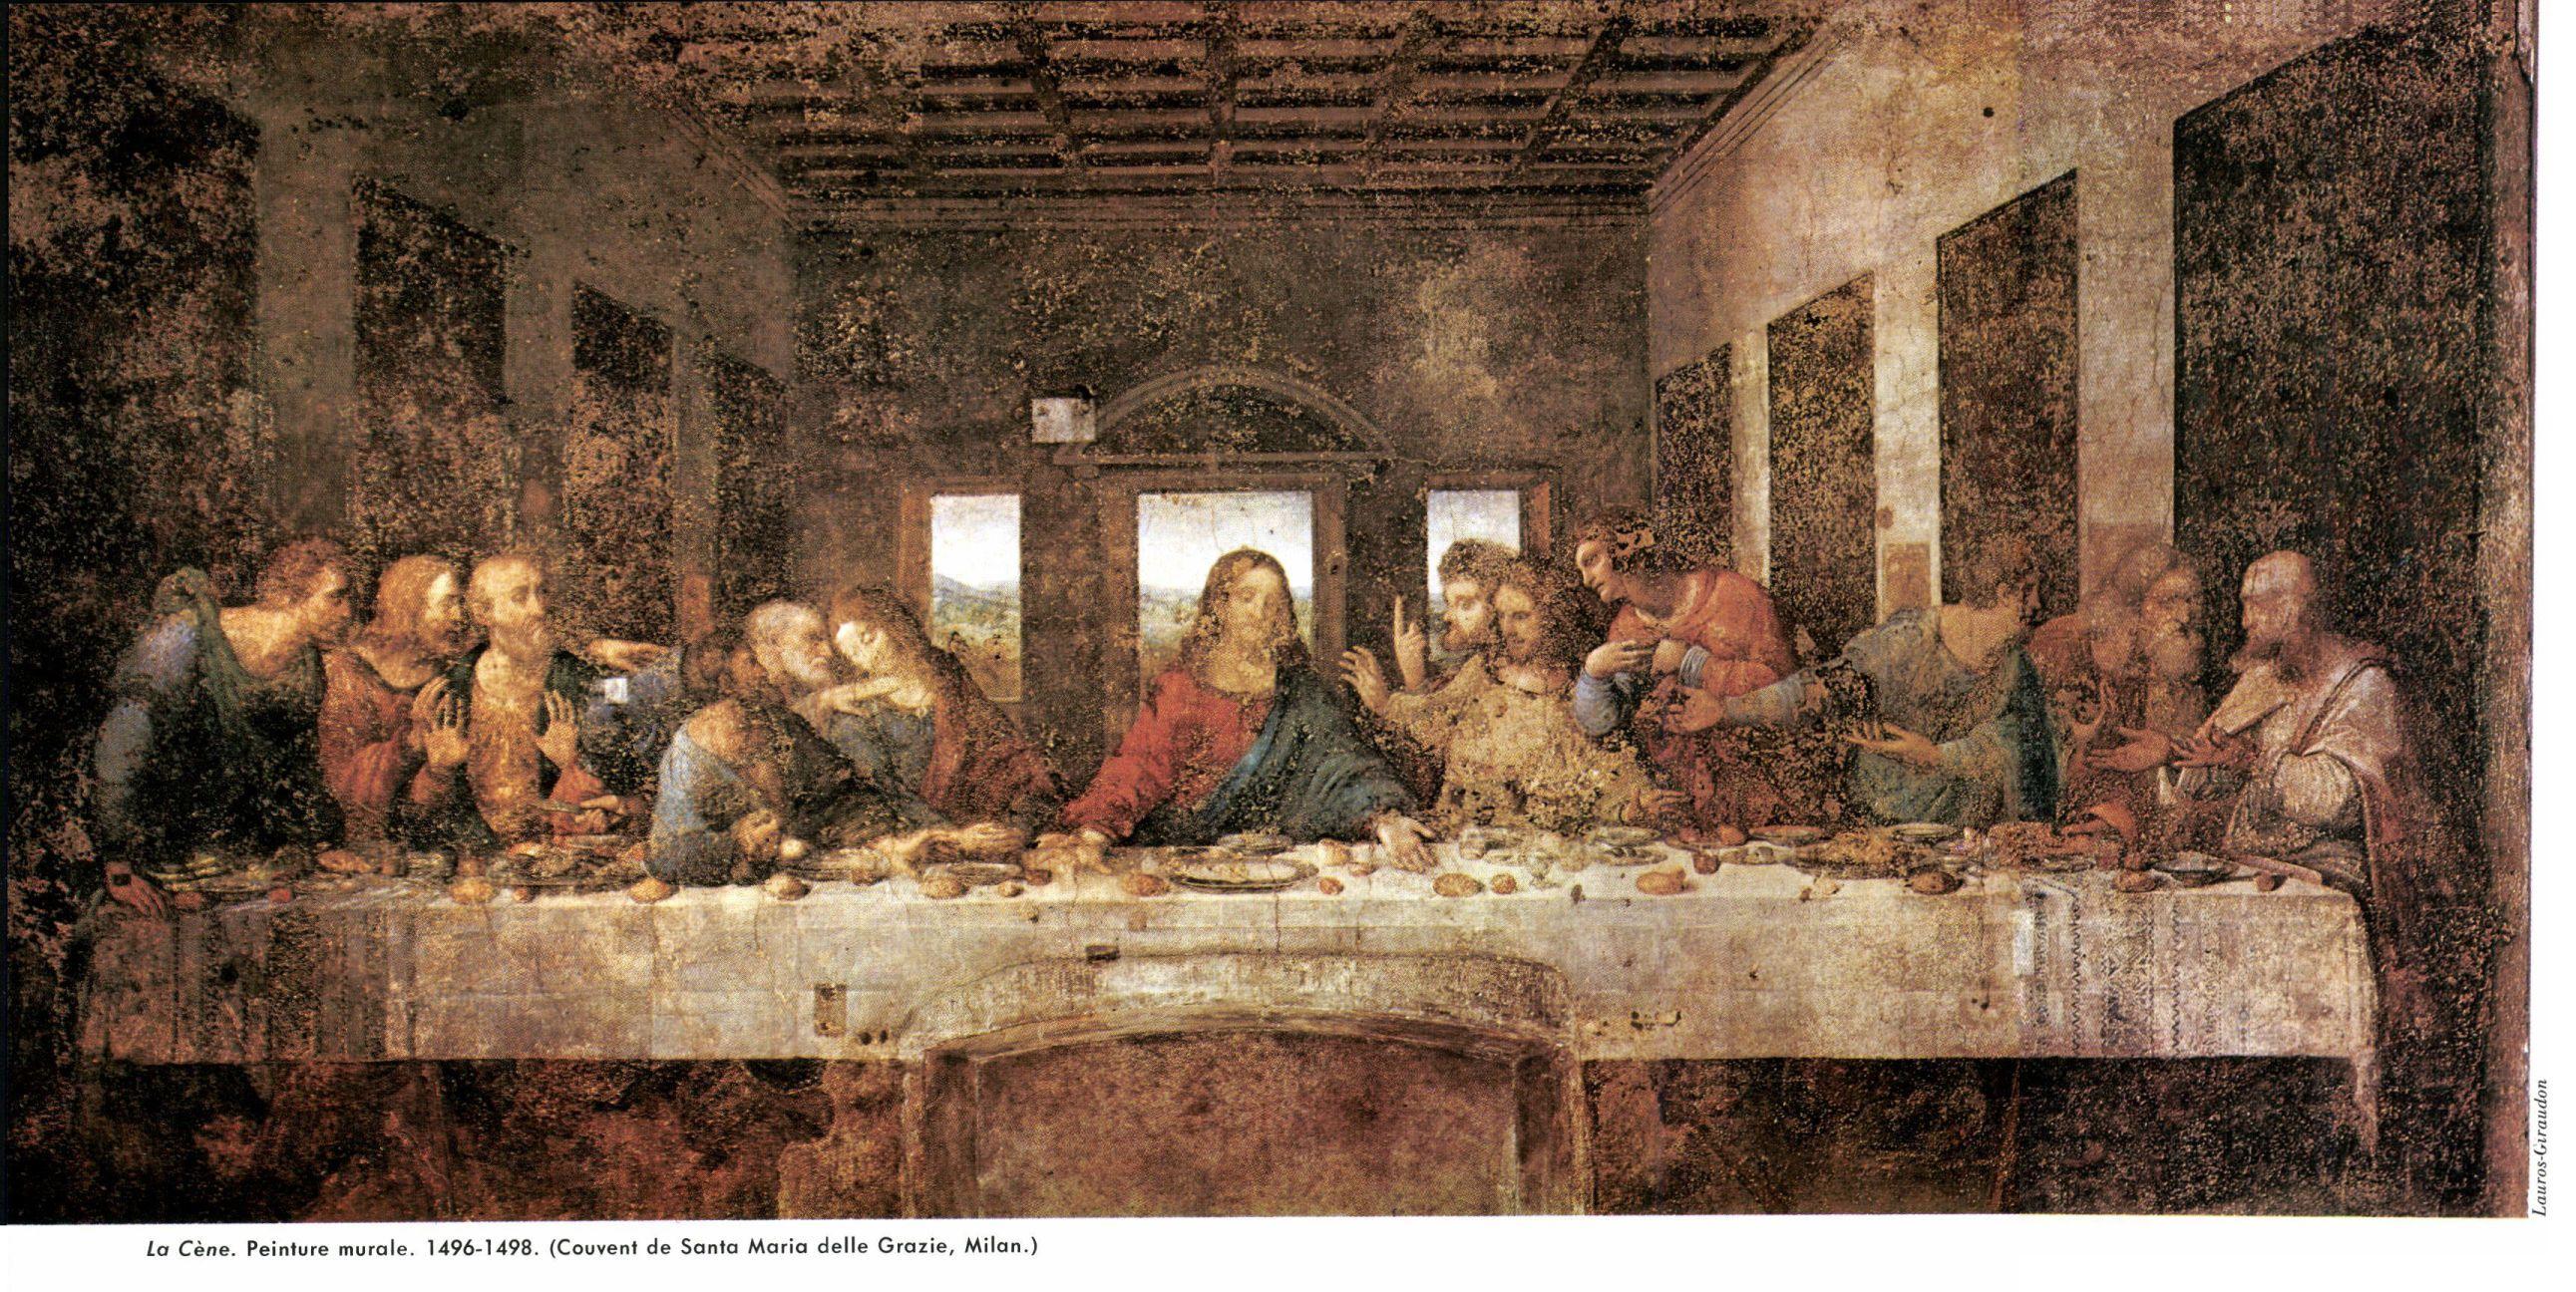 Pin By Line Jaubert On Art Last Supper Art Last Supper Renaissance Art